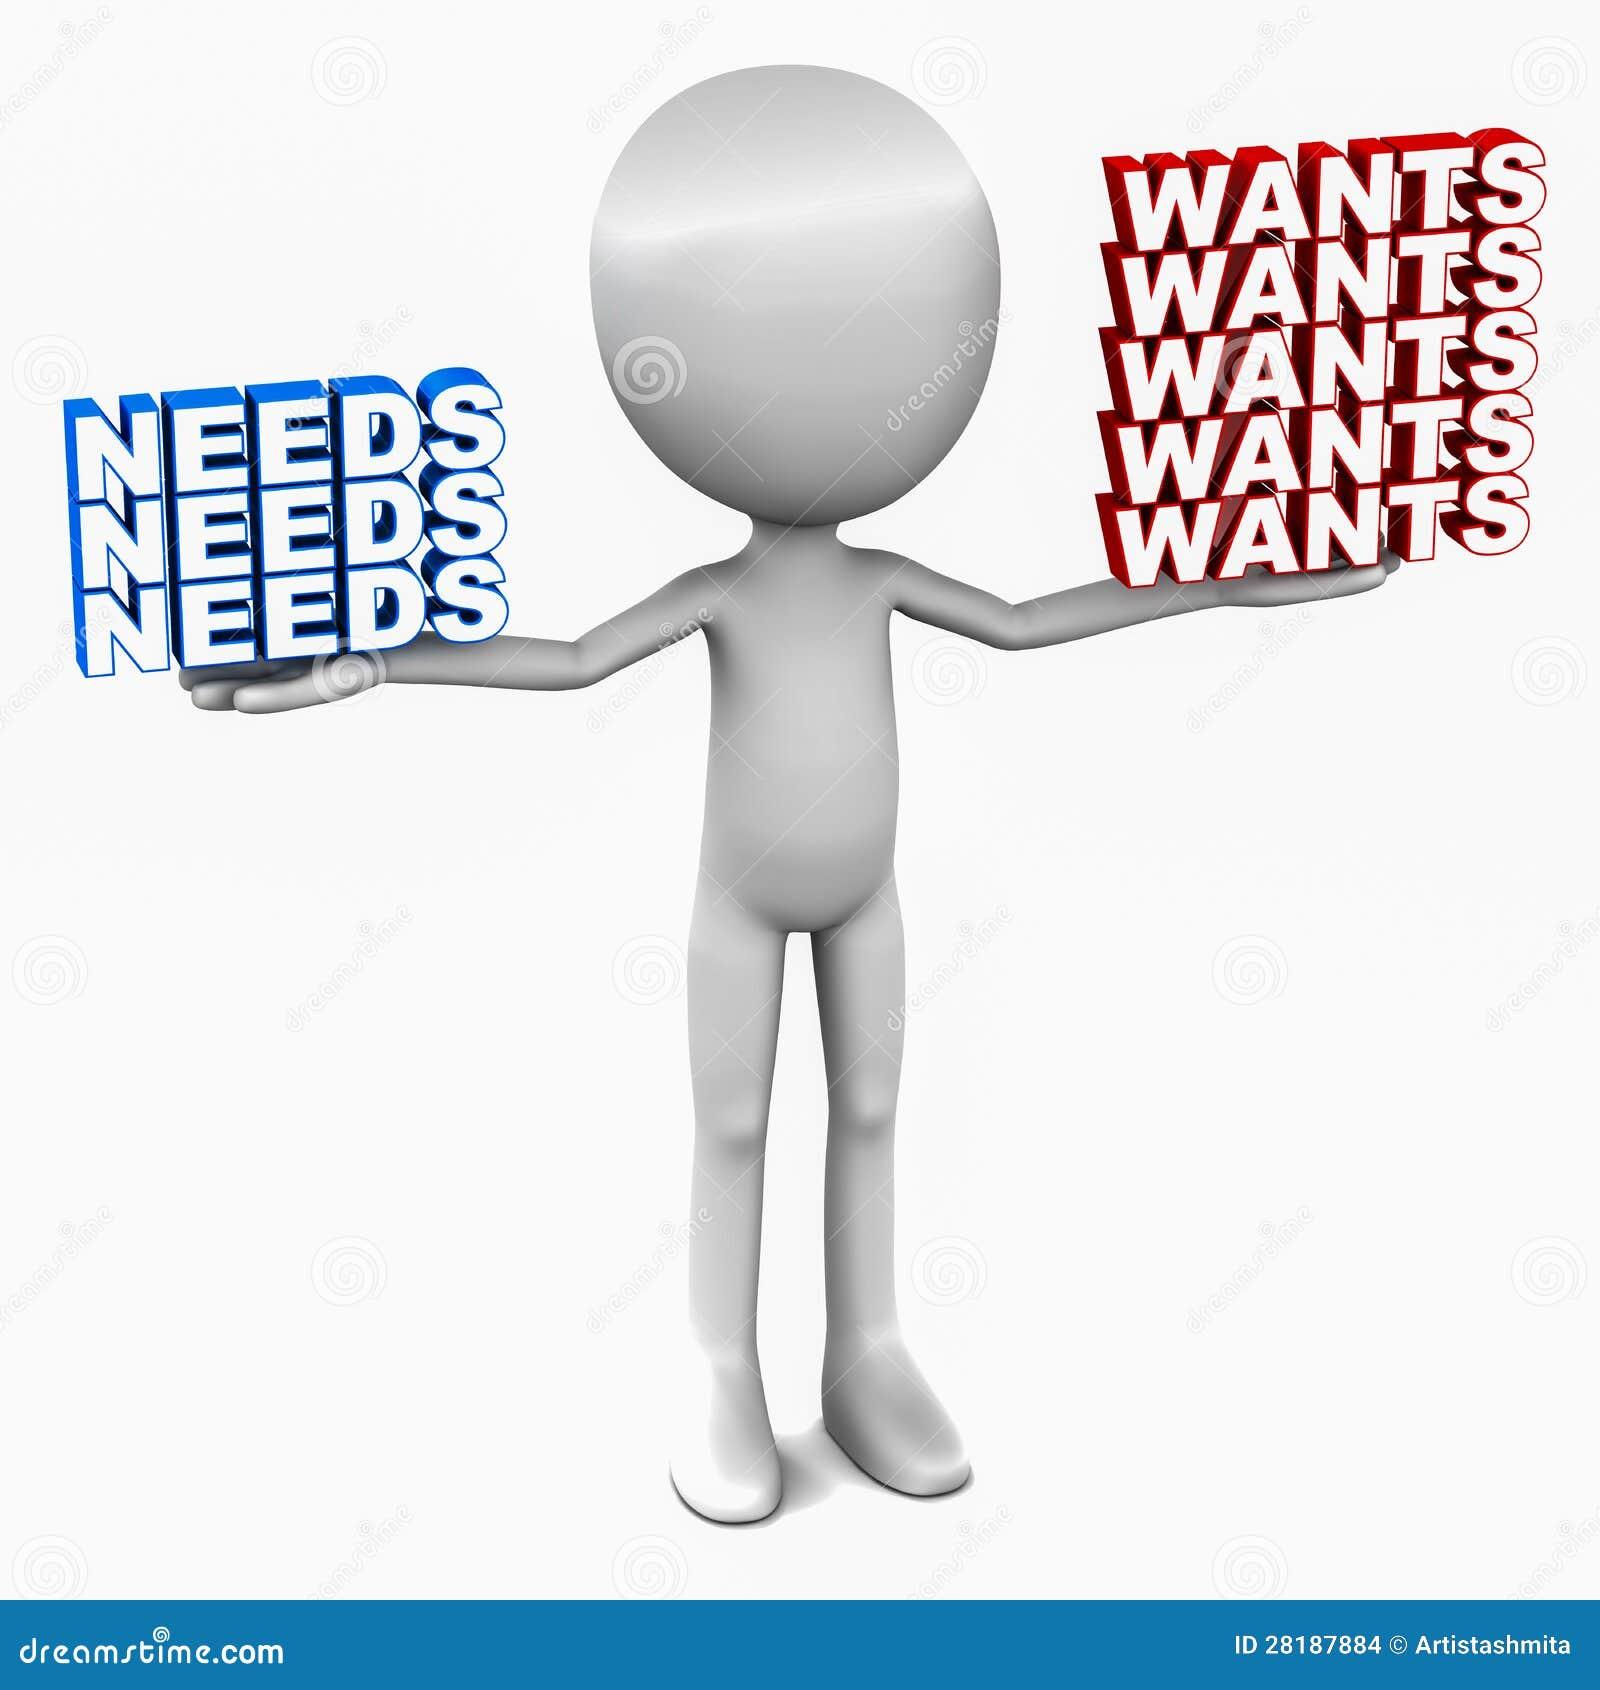 Wants Versus Needs Stock Images - Image: 28187884